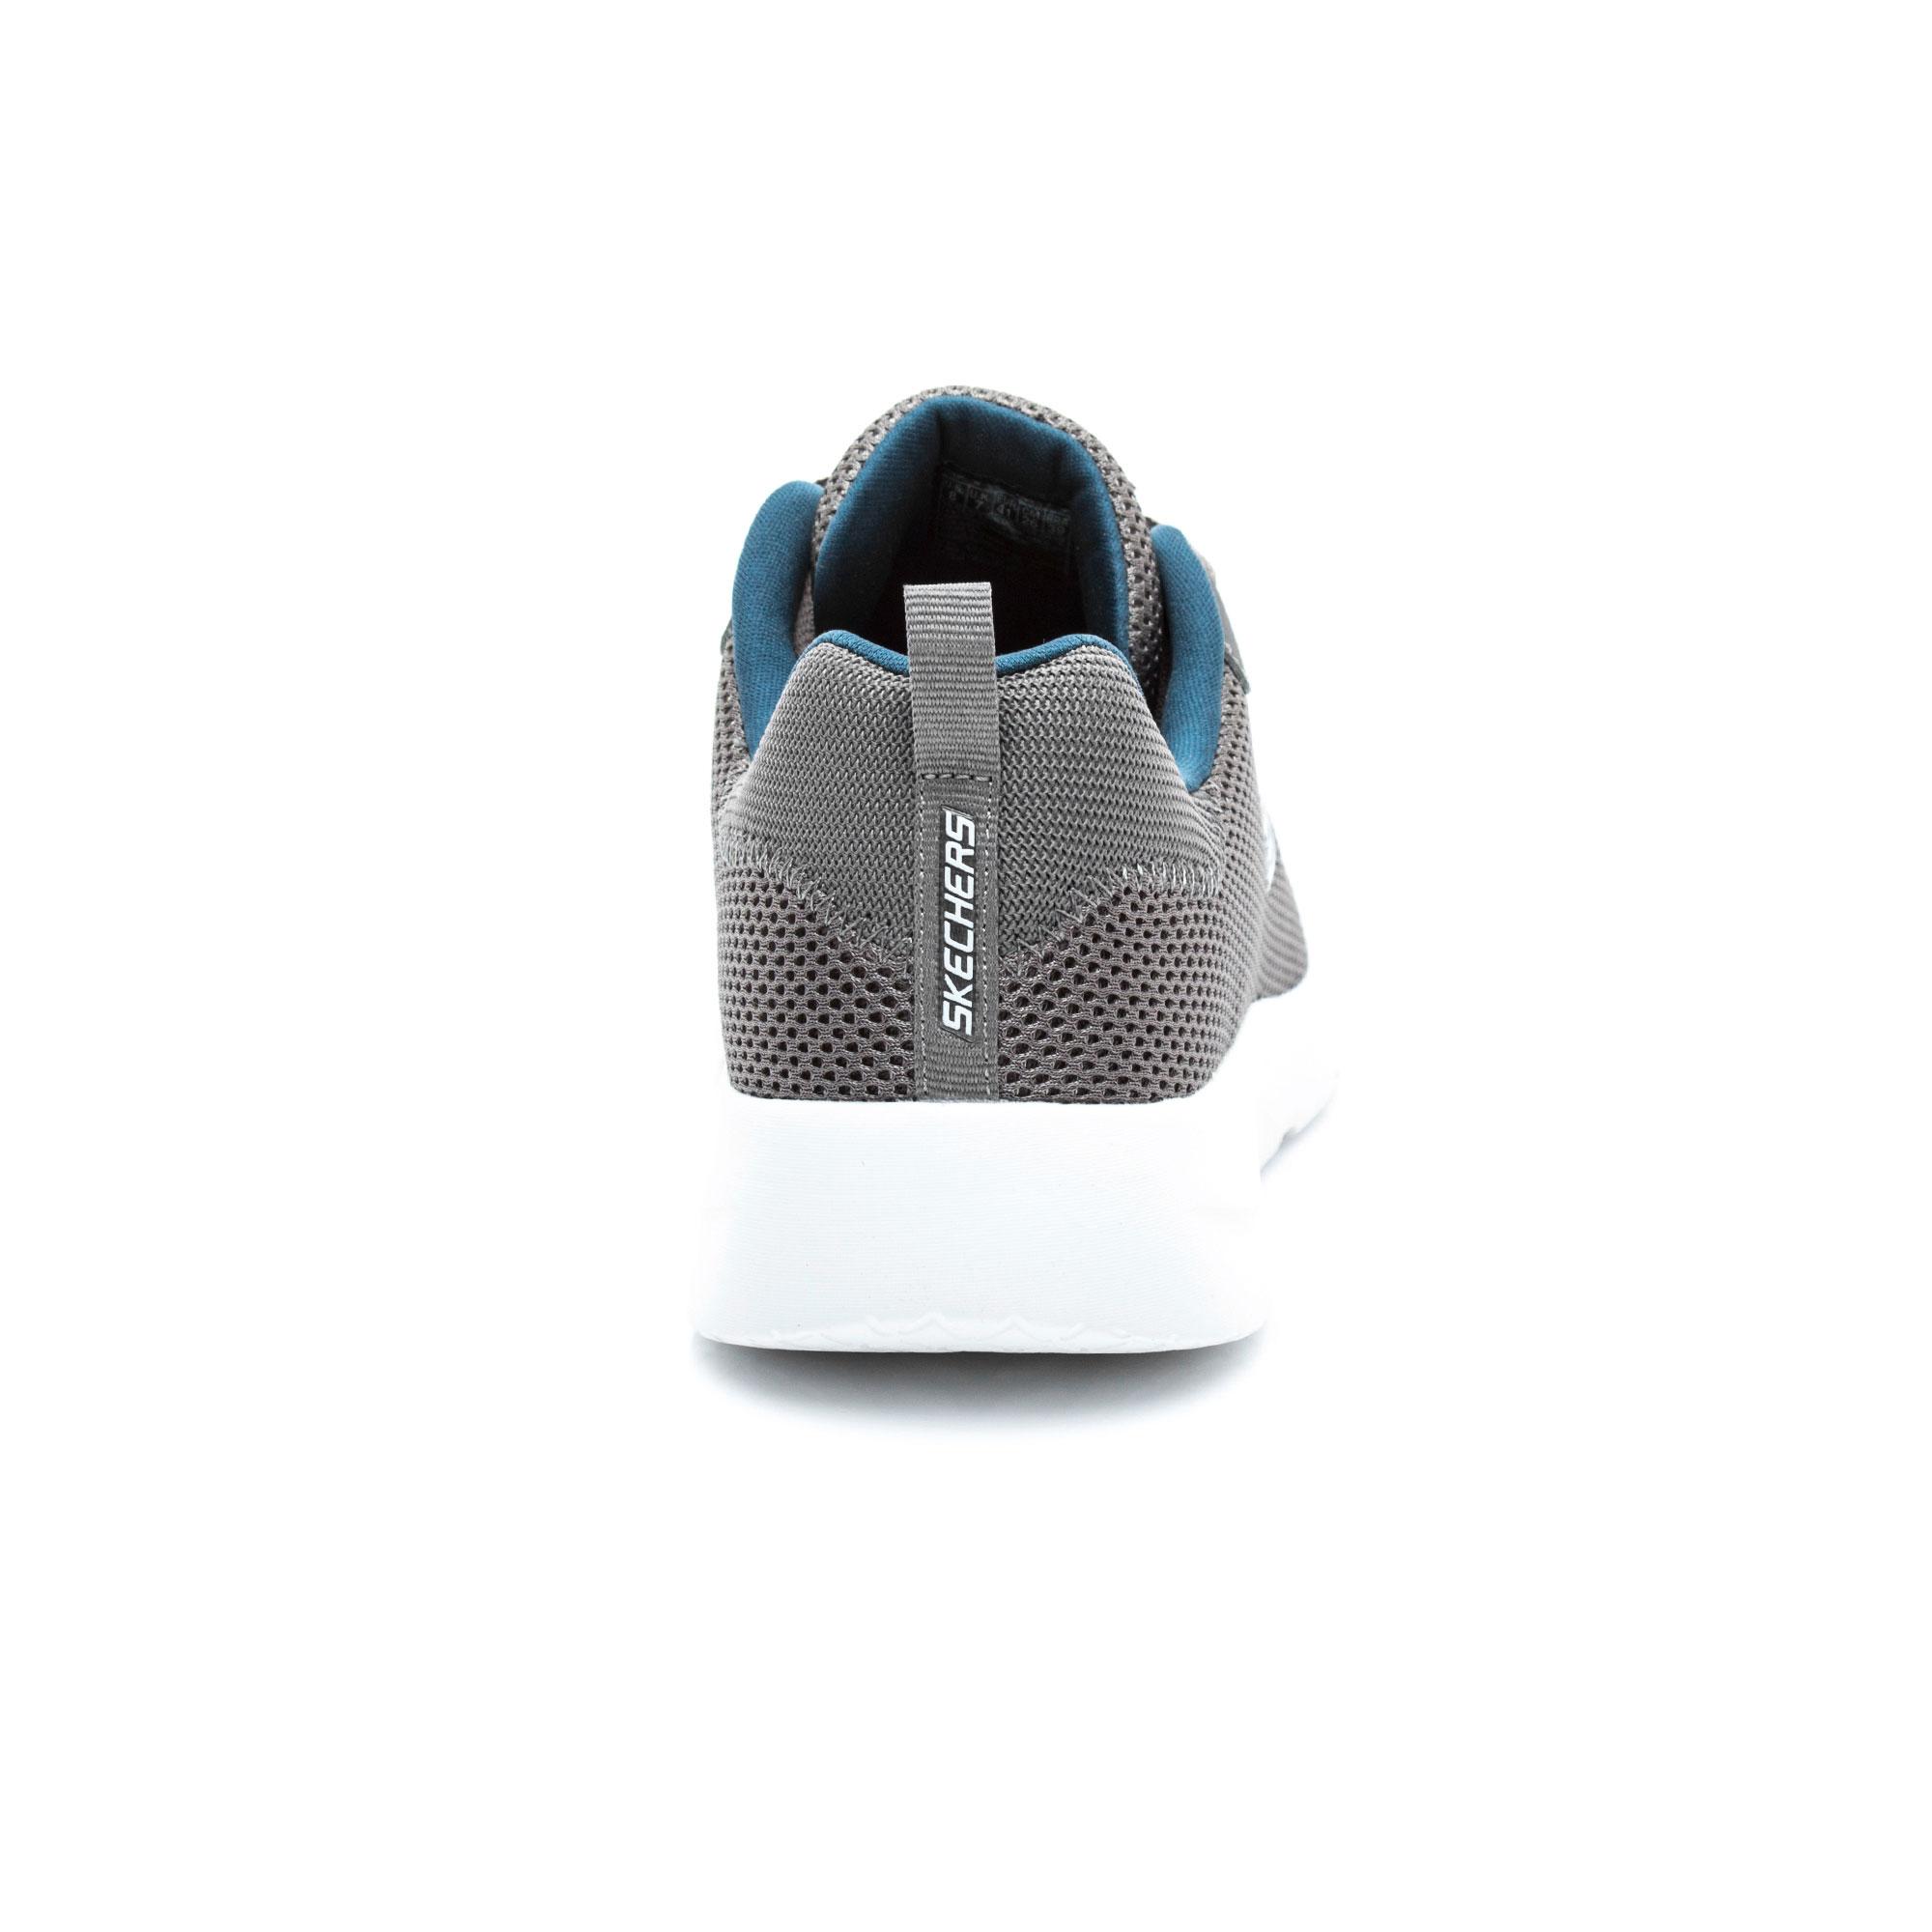 Skechers Dynamight 2.0- Rayhill Erkek Gri Spor Ayakkabı